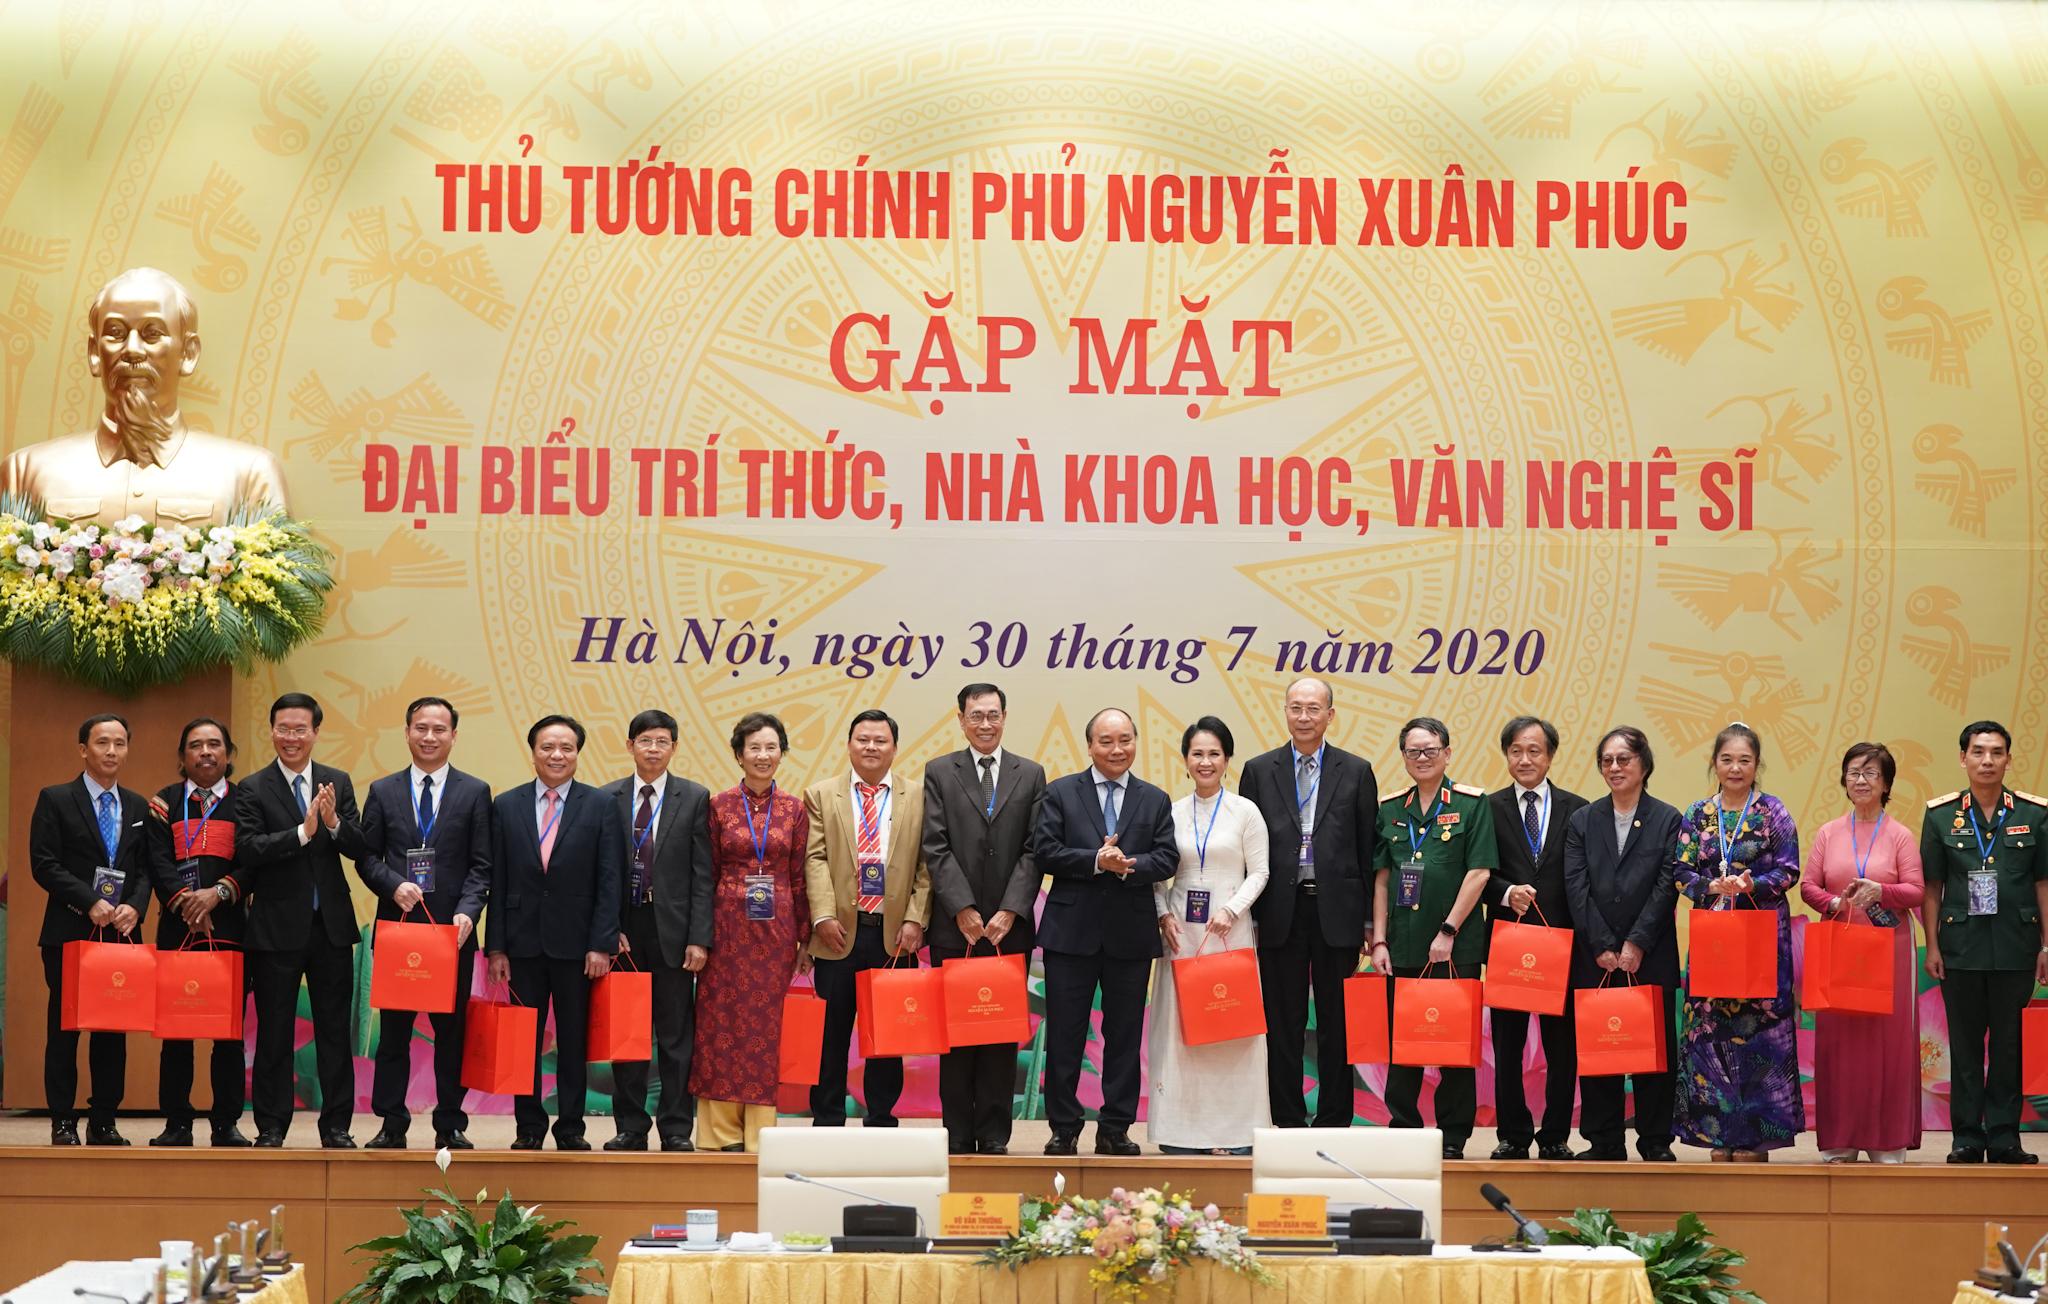 Thủ tướng Nguyễn Xuân Phúc tặng quà các đại biểu dự buổi gặp mặt. Ảnh: VGP/Quang Hiếu